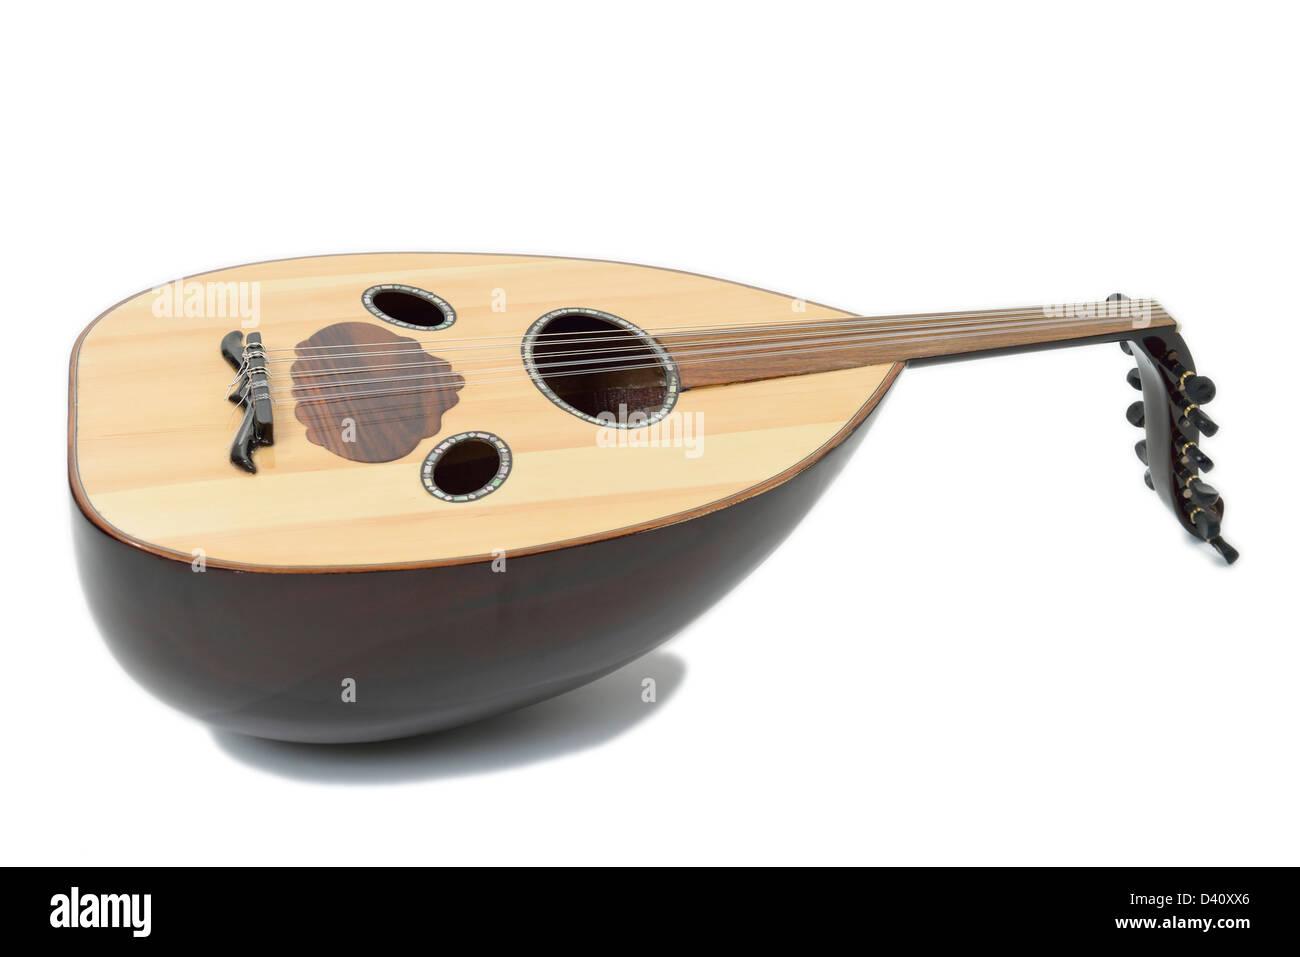 Eine Oud - eine Arabische/Türkische/Hebräisch/Eastern Laute Musikinstrument Stockbild